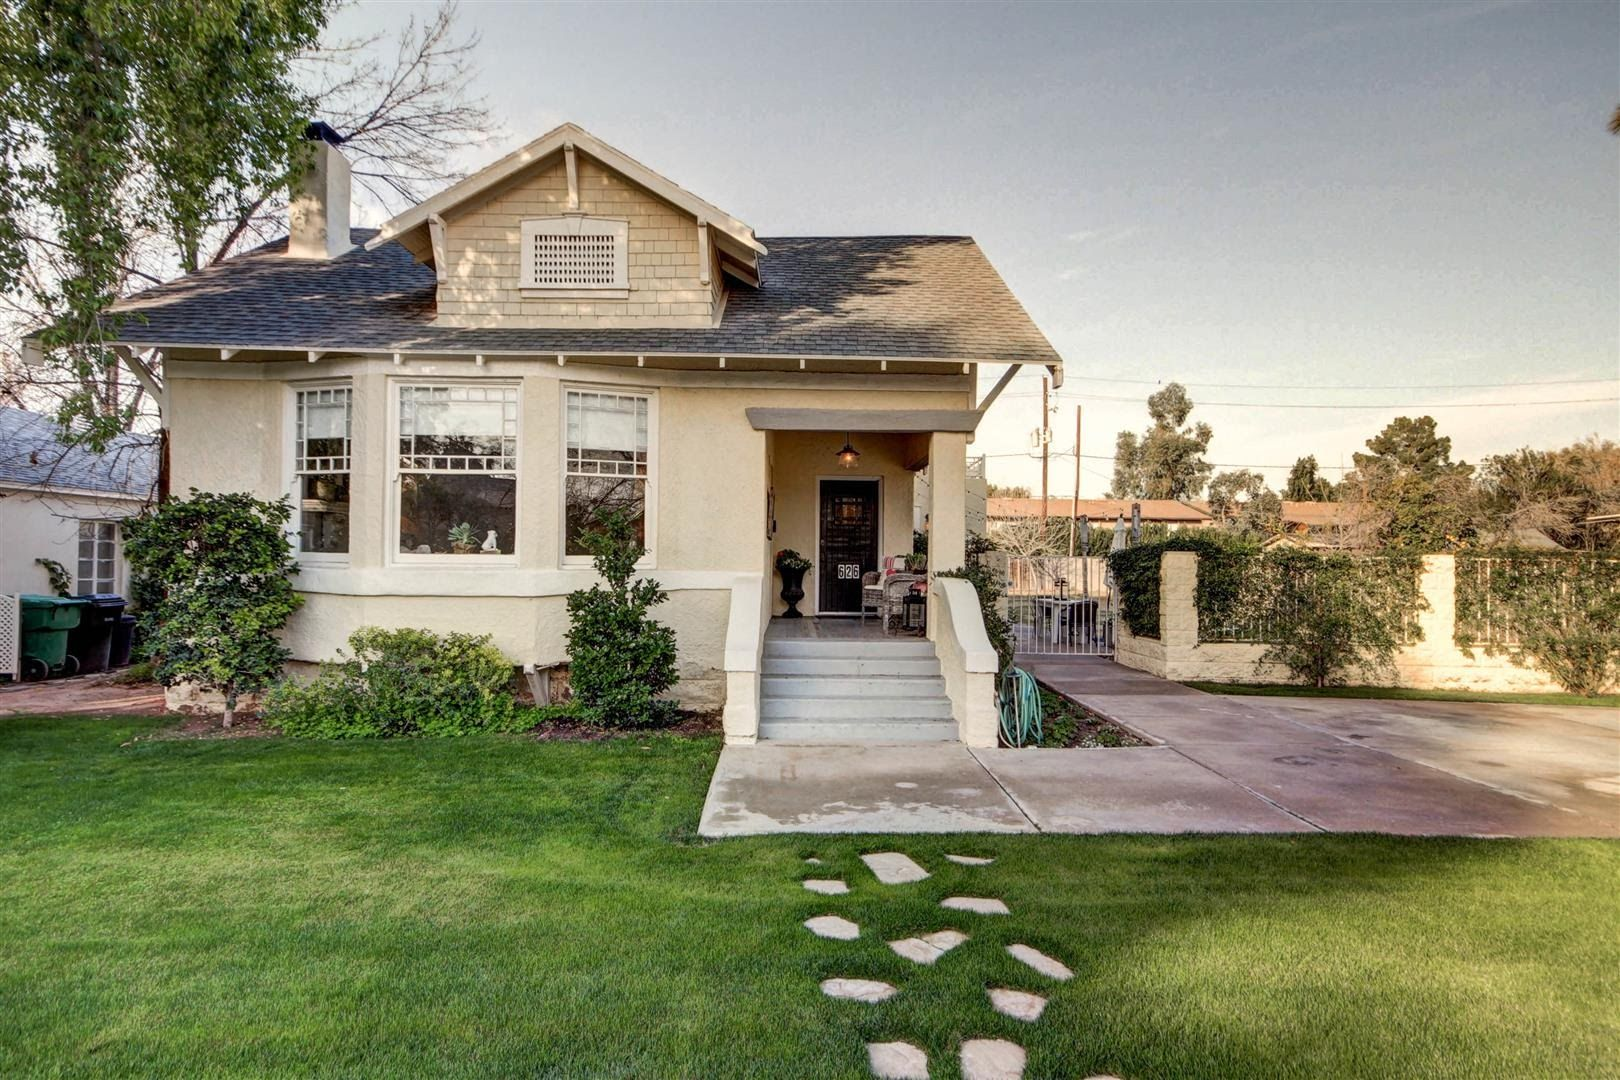 626 N Robson St. Mesa, AZ 85201 Evergreen Historic